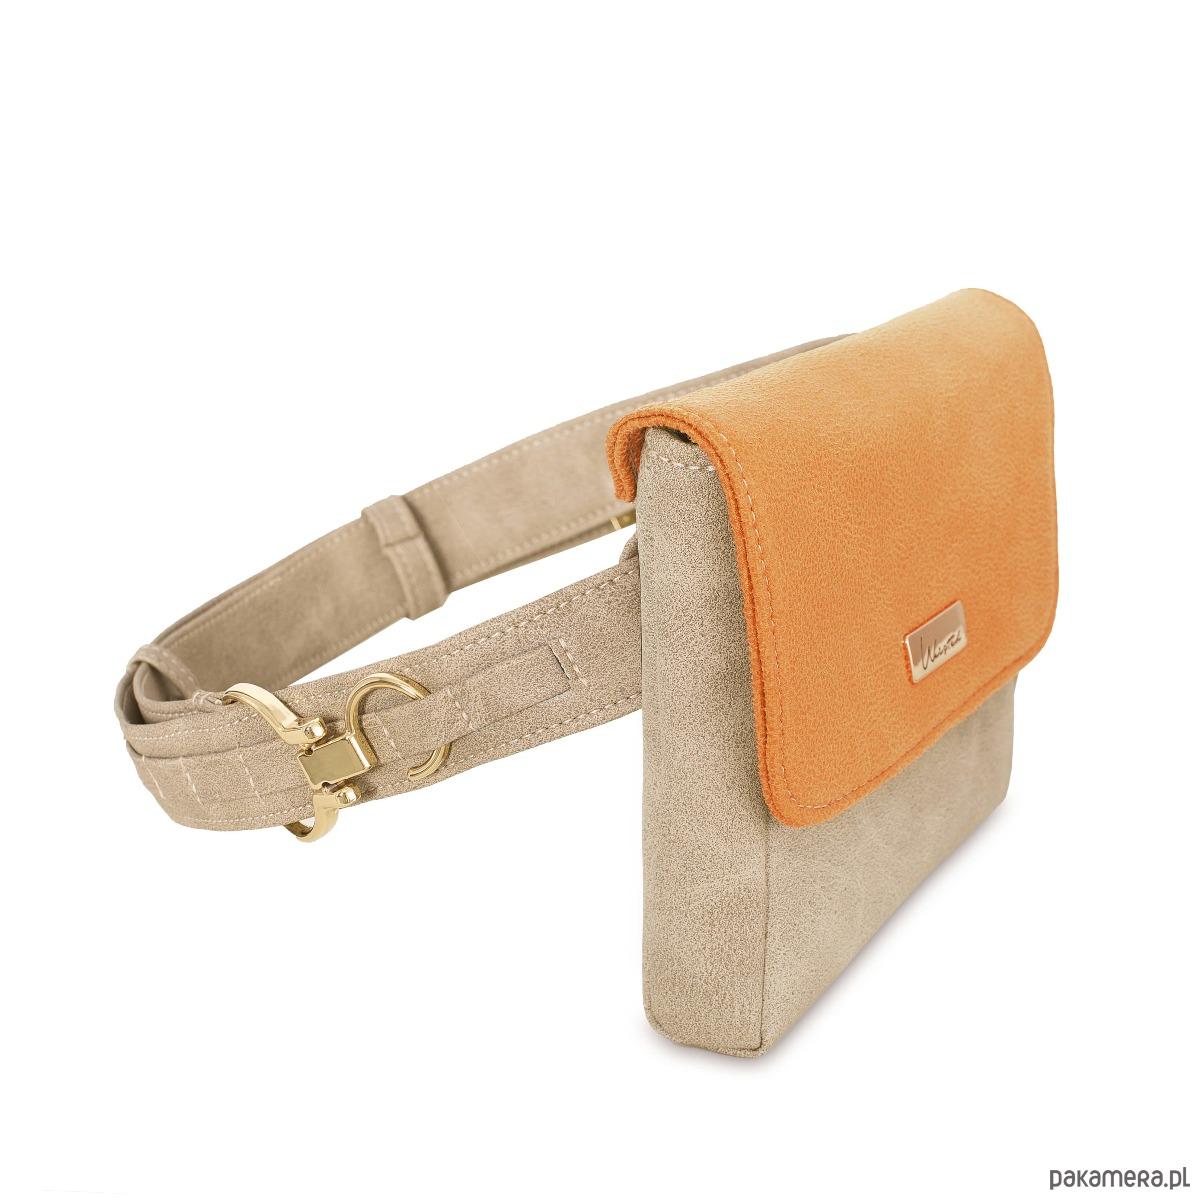 415ed881697a2 Waisted Small pomarańczowa torebka na biodro Waisted Small pomarańczowa  torebka na biodro ...